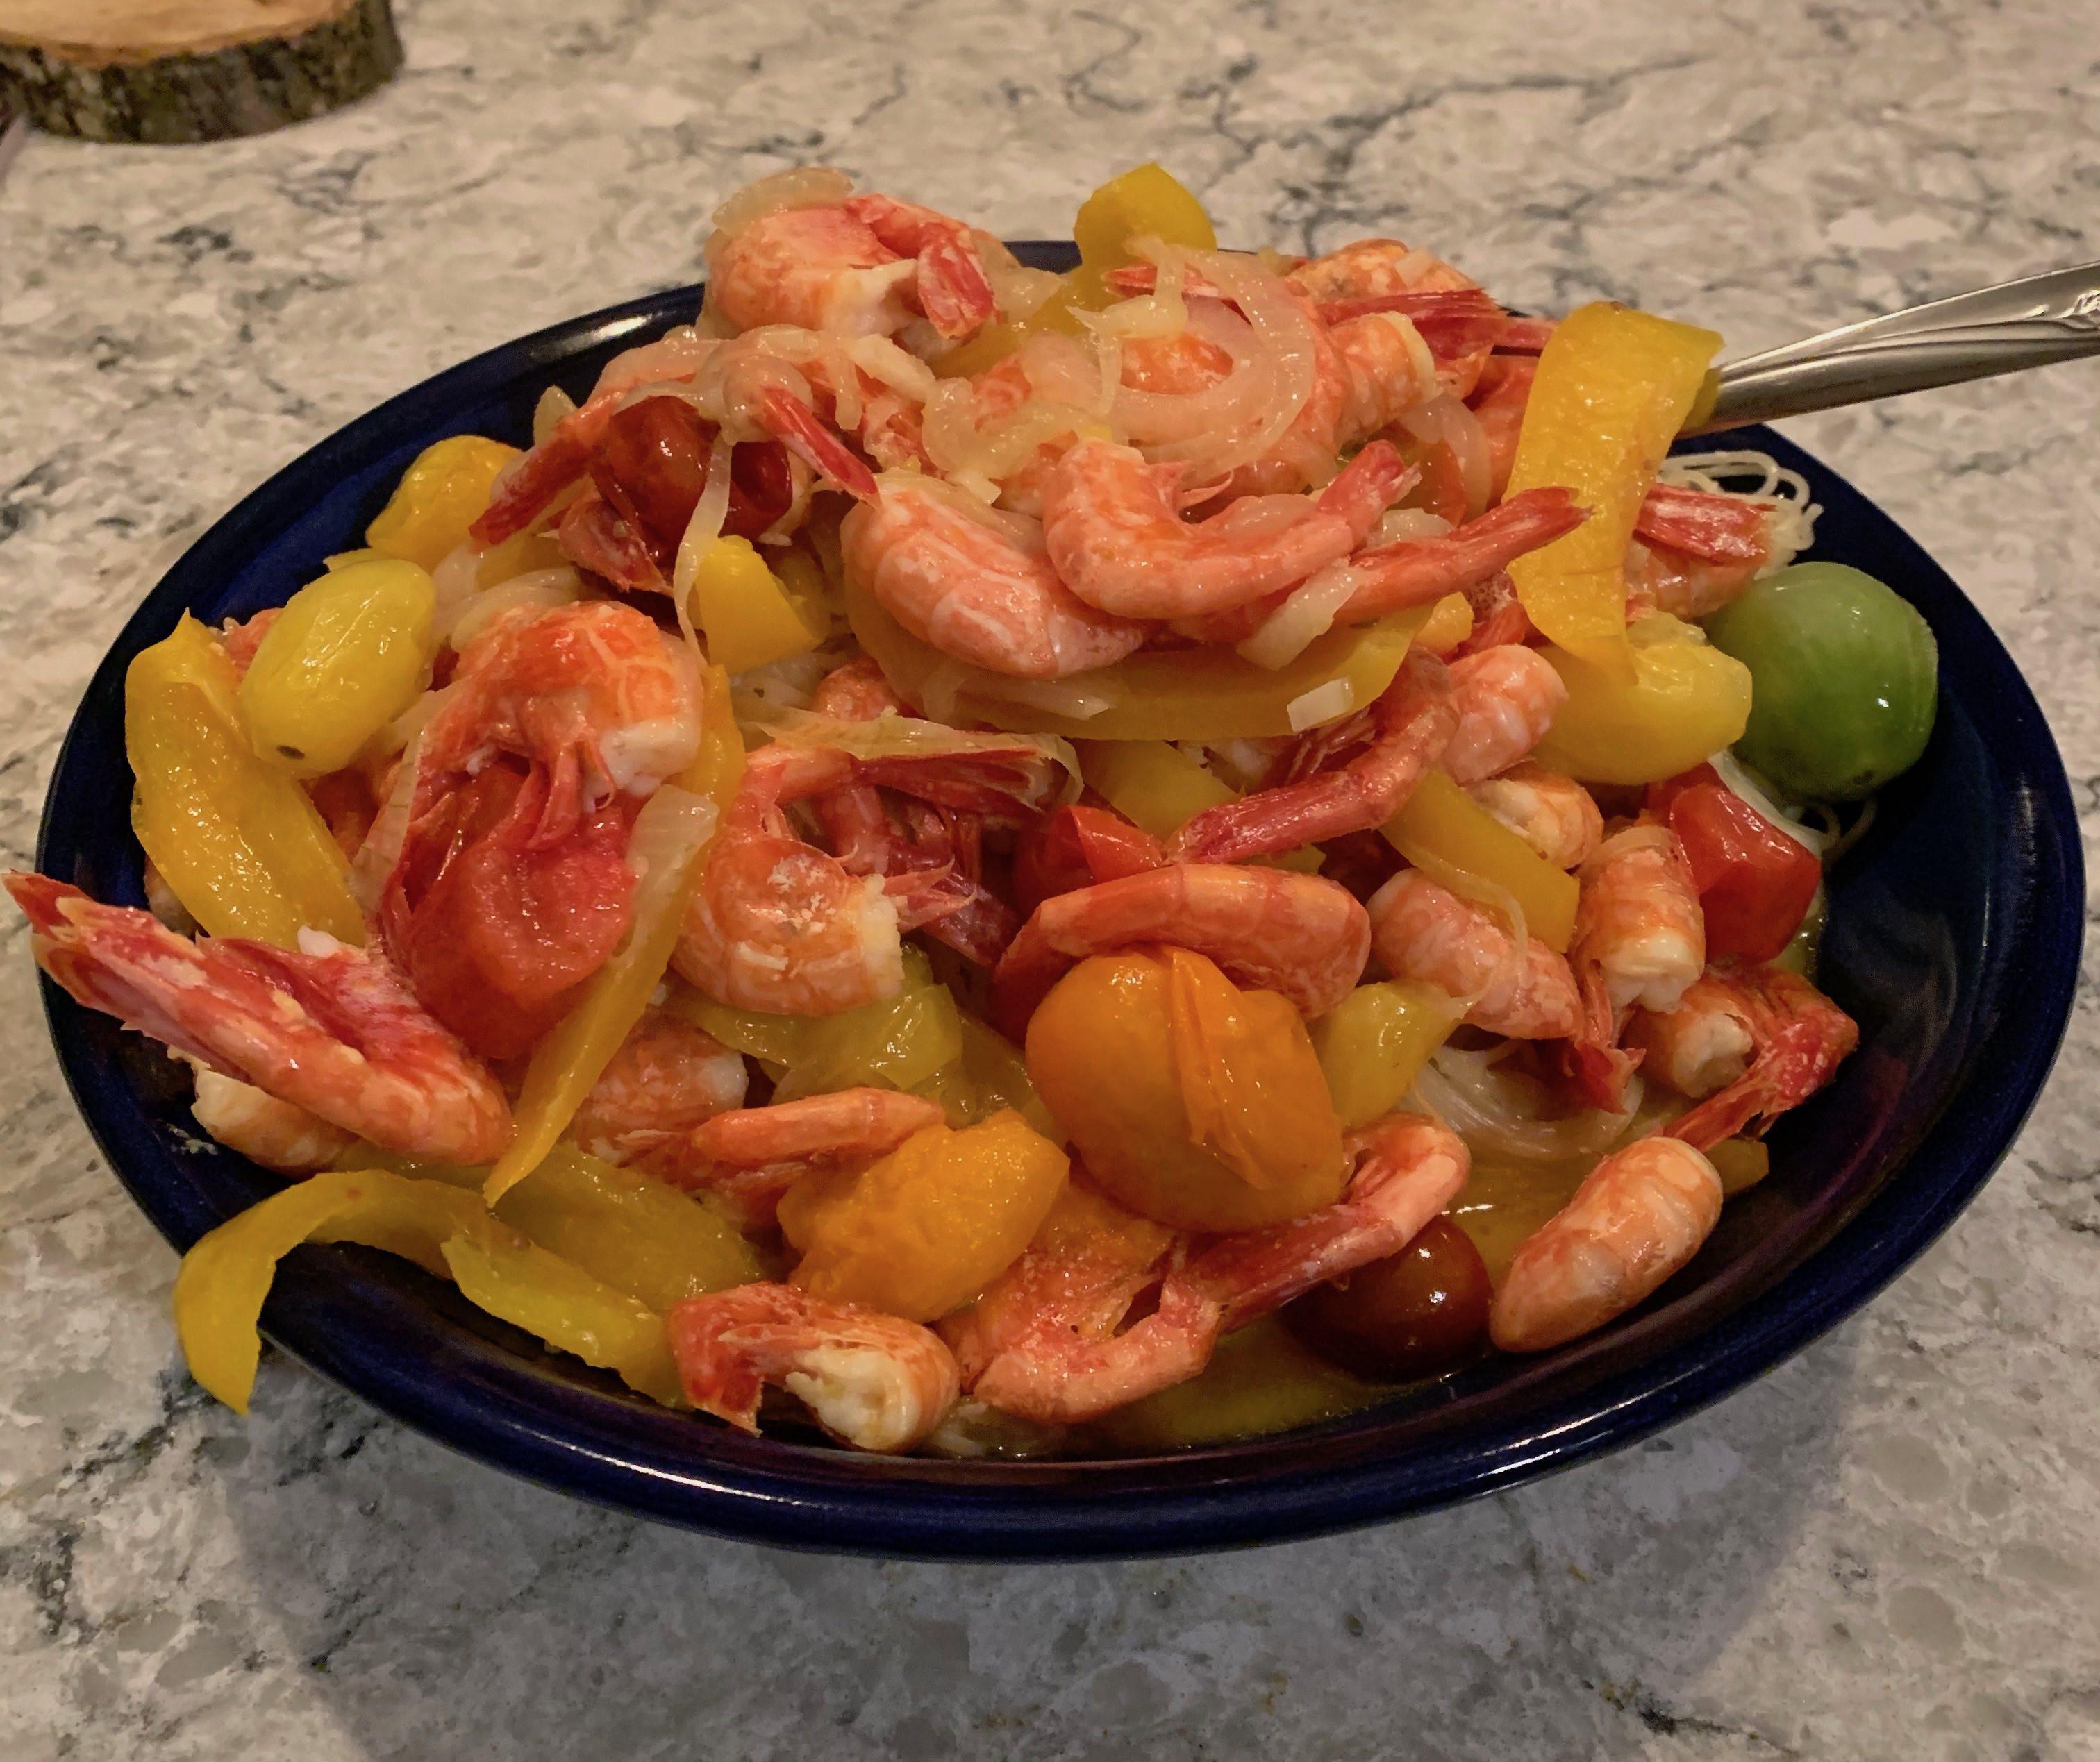 Denise's Shrimp Fettuccini